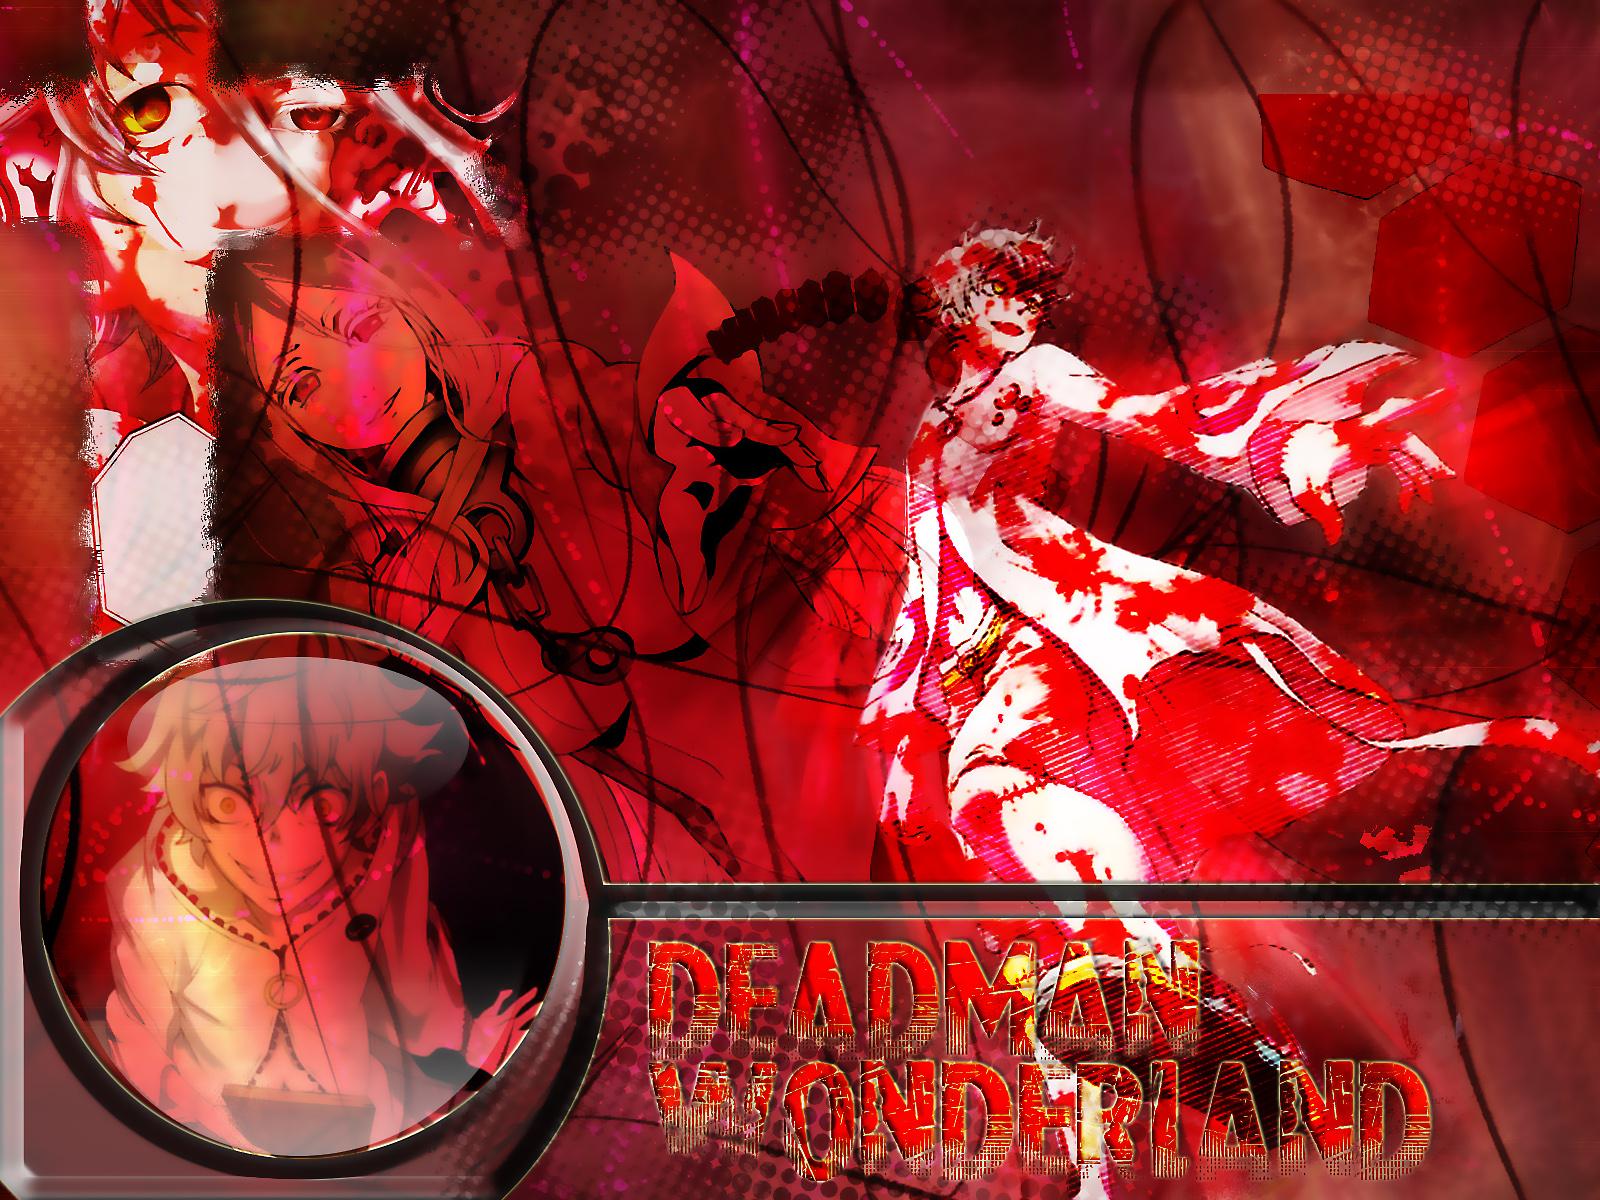 Deadman Wonderland Wallpaper By Sheimydicaprio On Deviantart